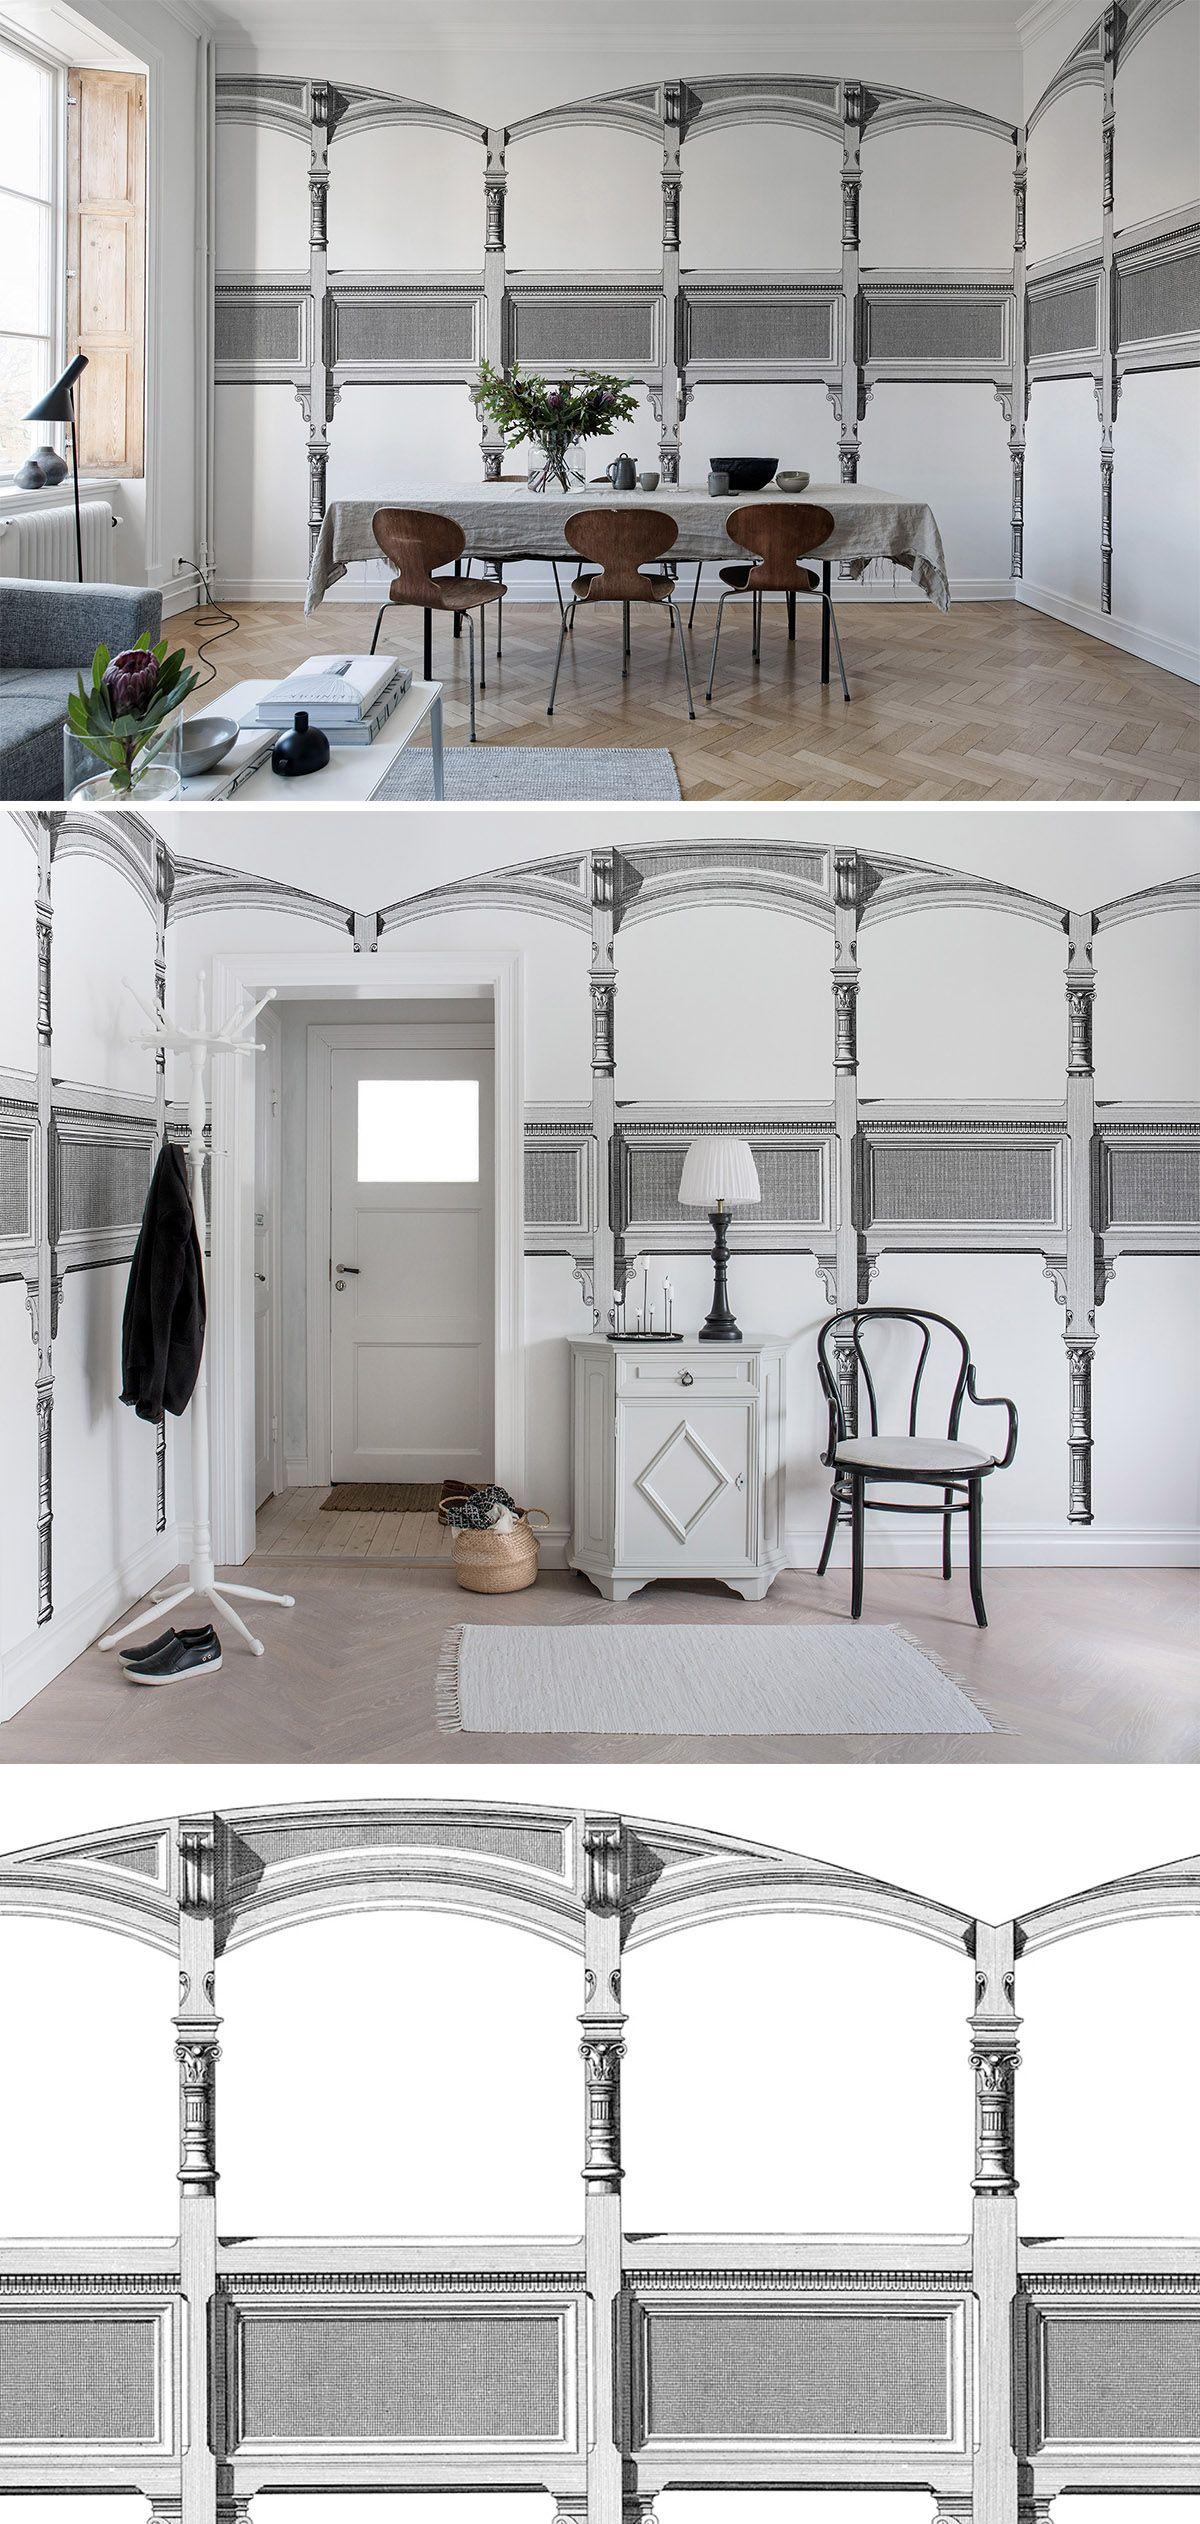 Vliestapete Wohnzimmer